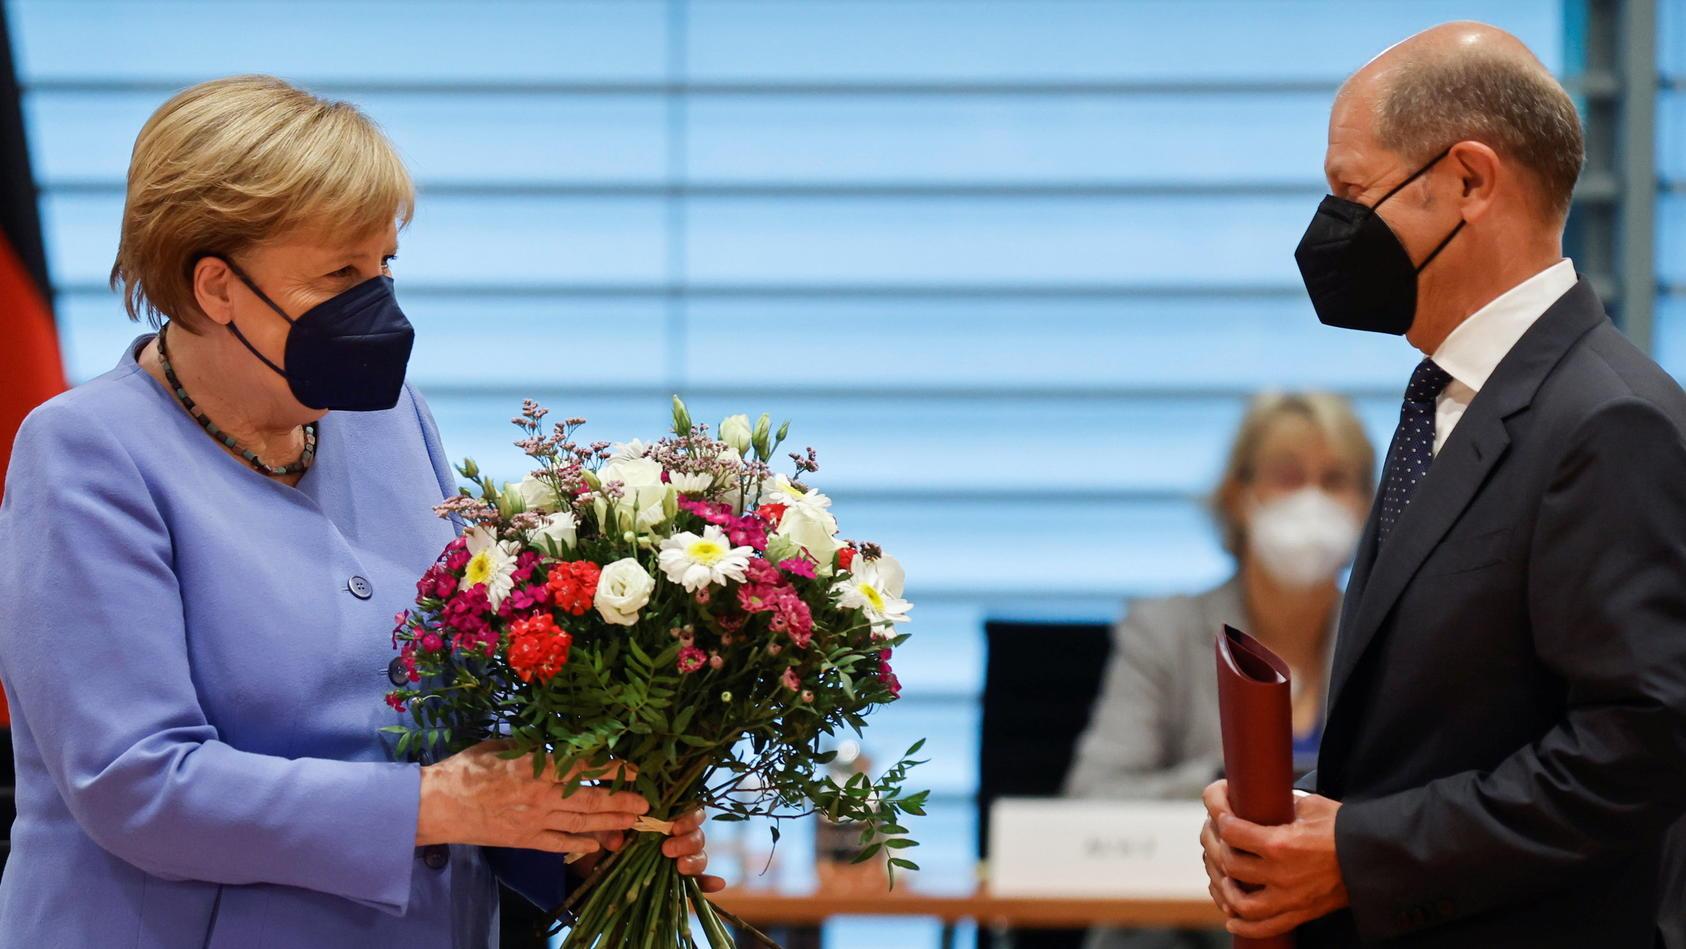 """Die SPD zieht mit der Strategie""""Merkel ohne Merkel"""" in den Wahlkampf, meint STERN-Hauptstadtbüro-Leiter Horst von Buttlar."""